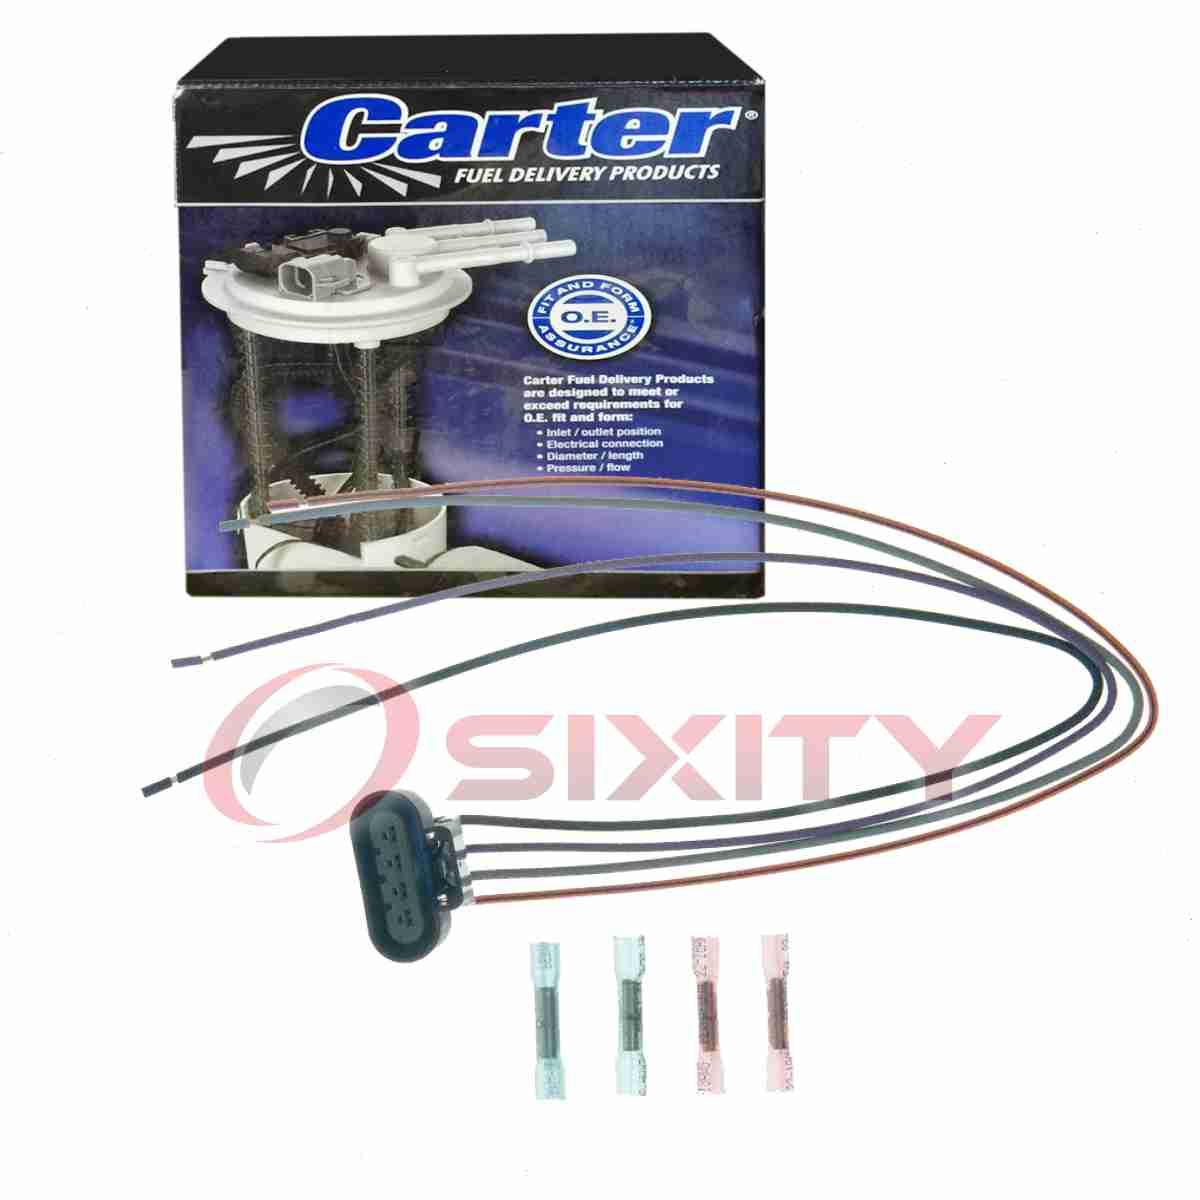 [CSDW_4250]   Bomba De Combustível Carter cablagem para 1998-2000 Chevrolet K3500 7.4L  5.7L V8-Iy | eBay | Chevrolet K3500 Wiring Harness |  | eBay